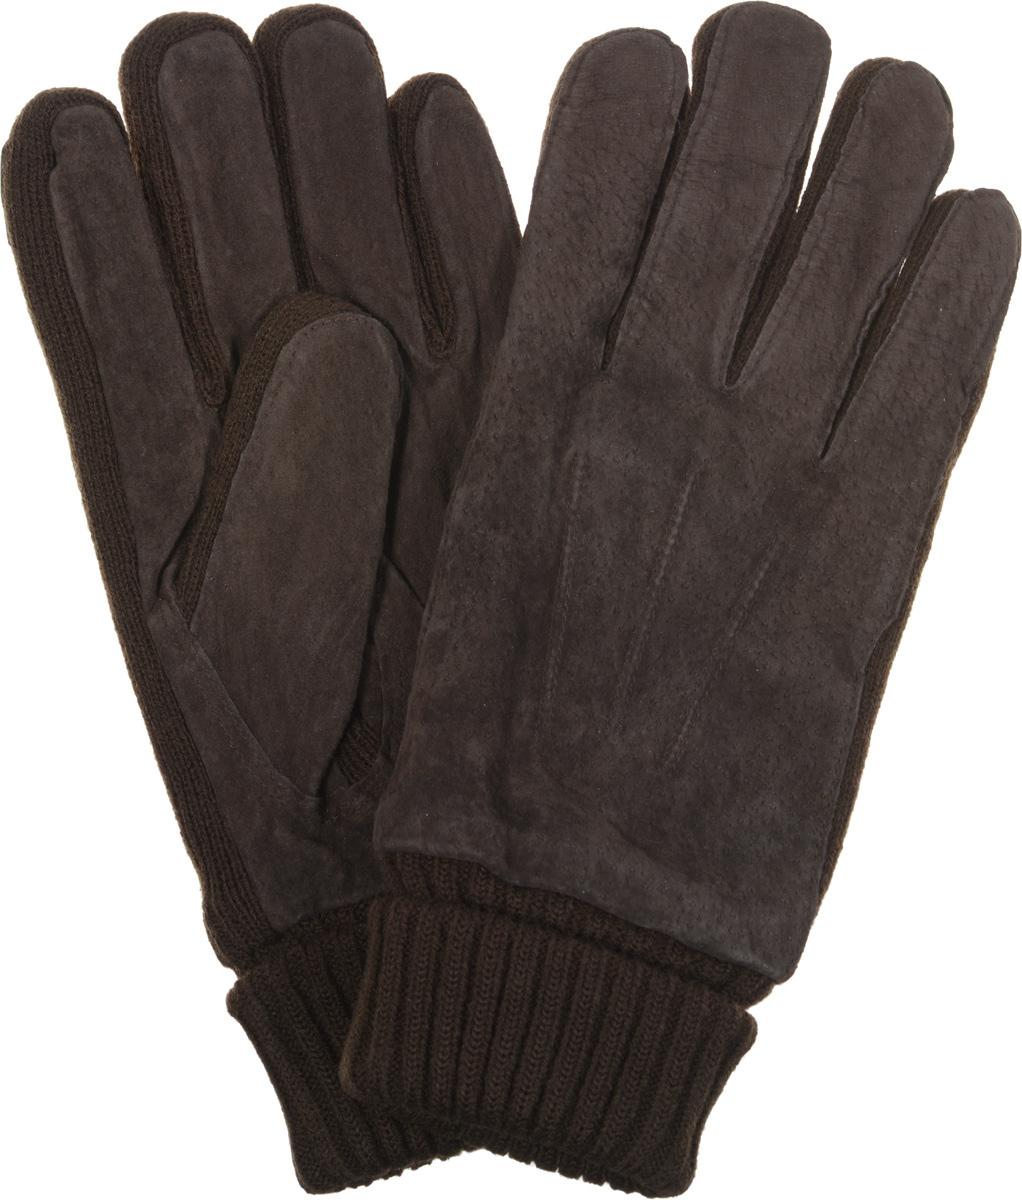 ПерчаткиMKH 04.62Потрясающие мужские перчатки торговой марки Modo выполнены из чрезвычайно мягкой и приятной на ощупь кожи - велюра в сочетании с трикотажем, а их подкладка - из мягкого флиса. Утеплены современным утеплителем Thinsulate. Лицевая сторона оформлена декоративными швами три луча, а на ладонной стороне модель дополнена стягивающей резинкой. Великолепные мужские перчатки Modo не только согреют руки, но и дополнят ваш образ в качестве эффектного аксессуара.